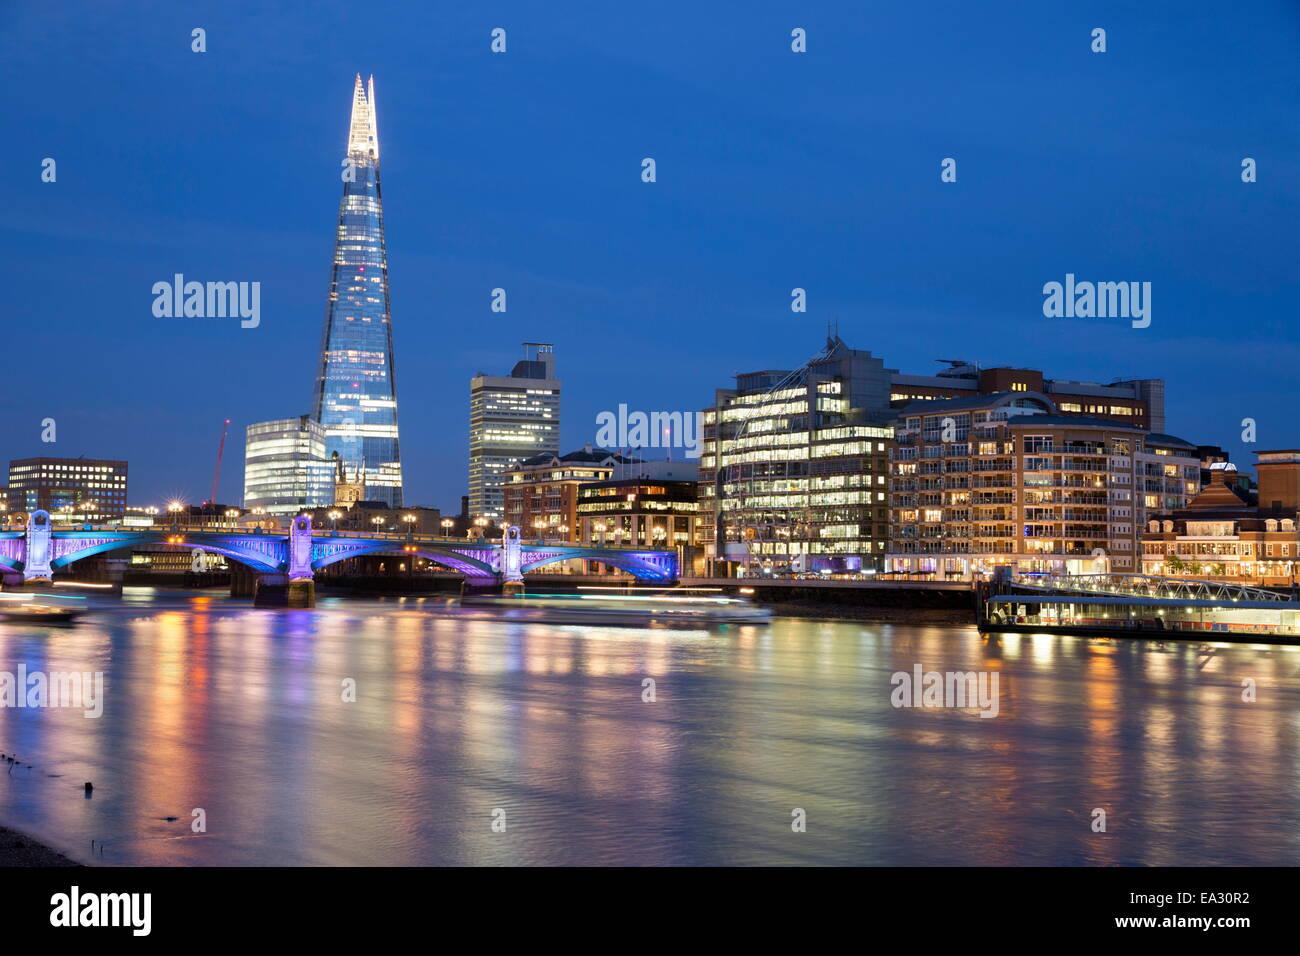 Vue sur la Tamise avec le tesson, Londres, Angleterre, Royaume-Uni, Europe Photo Stock